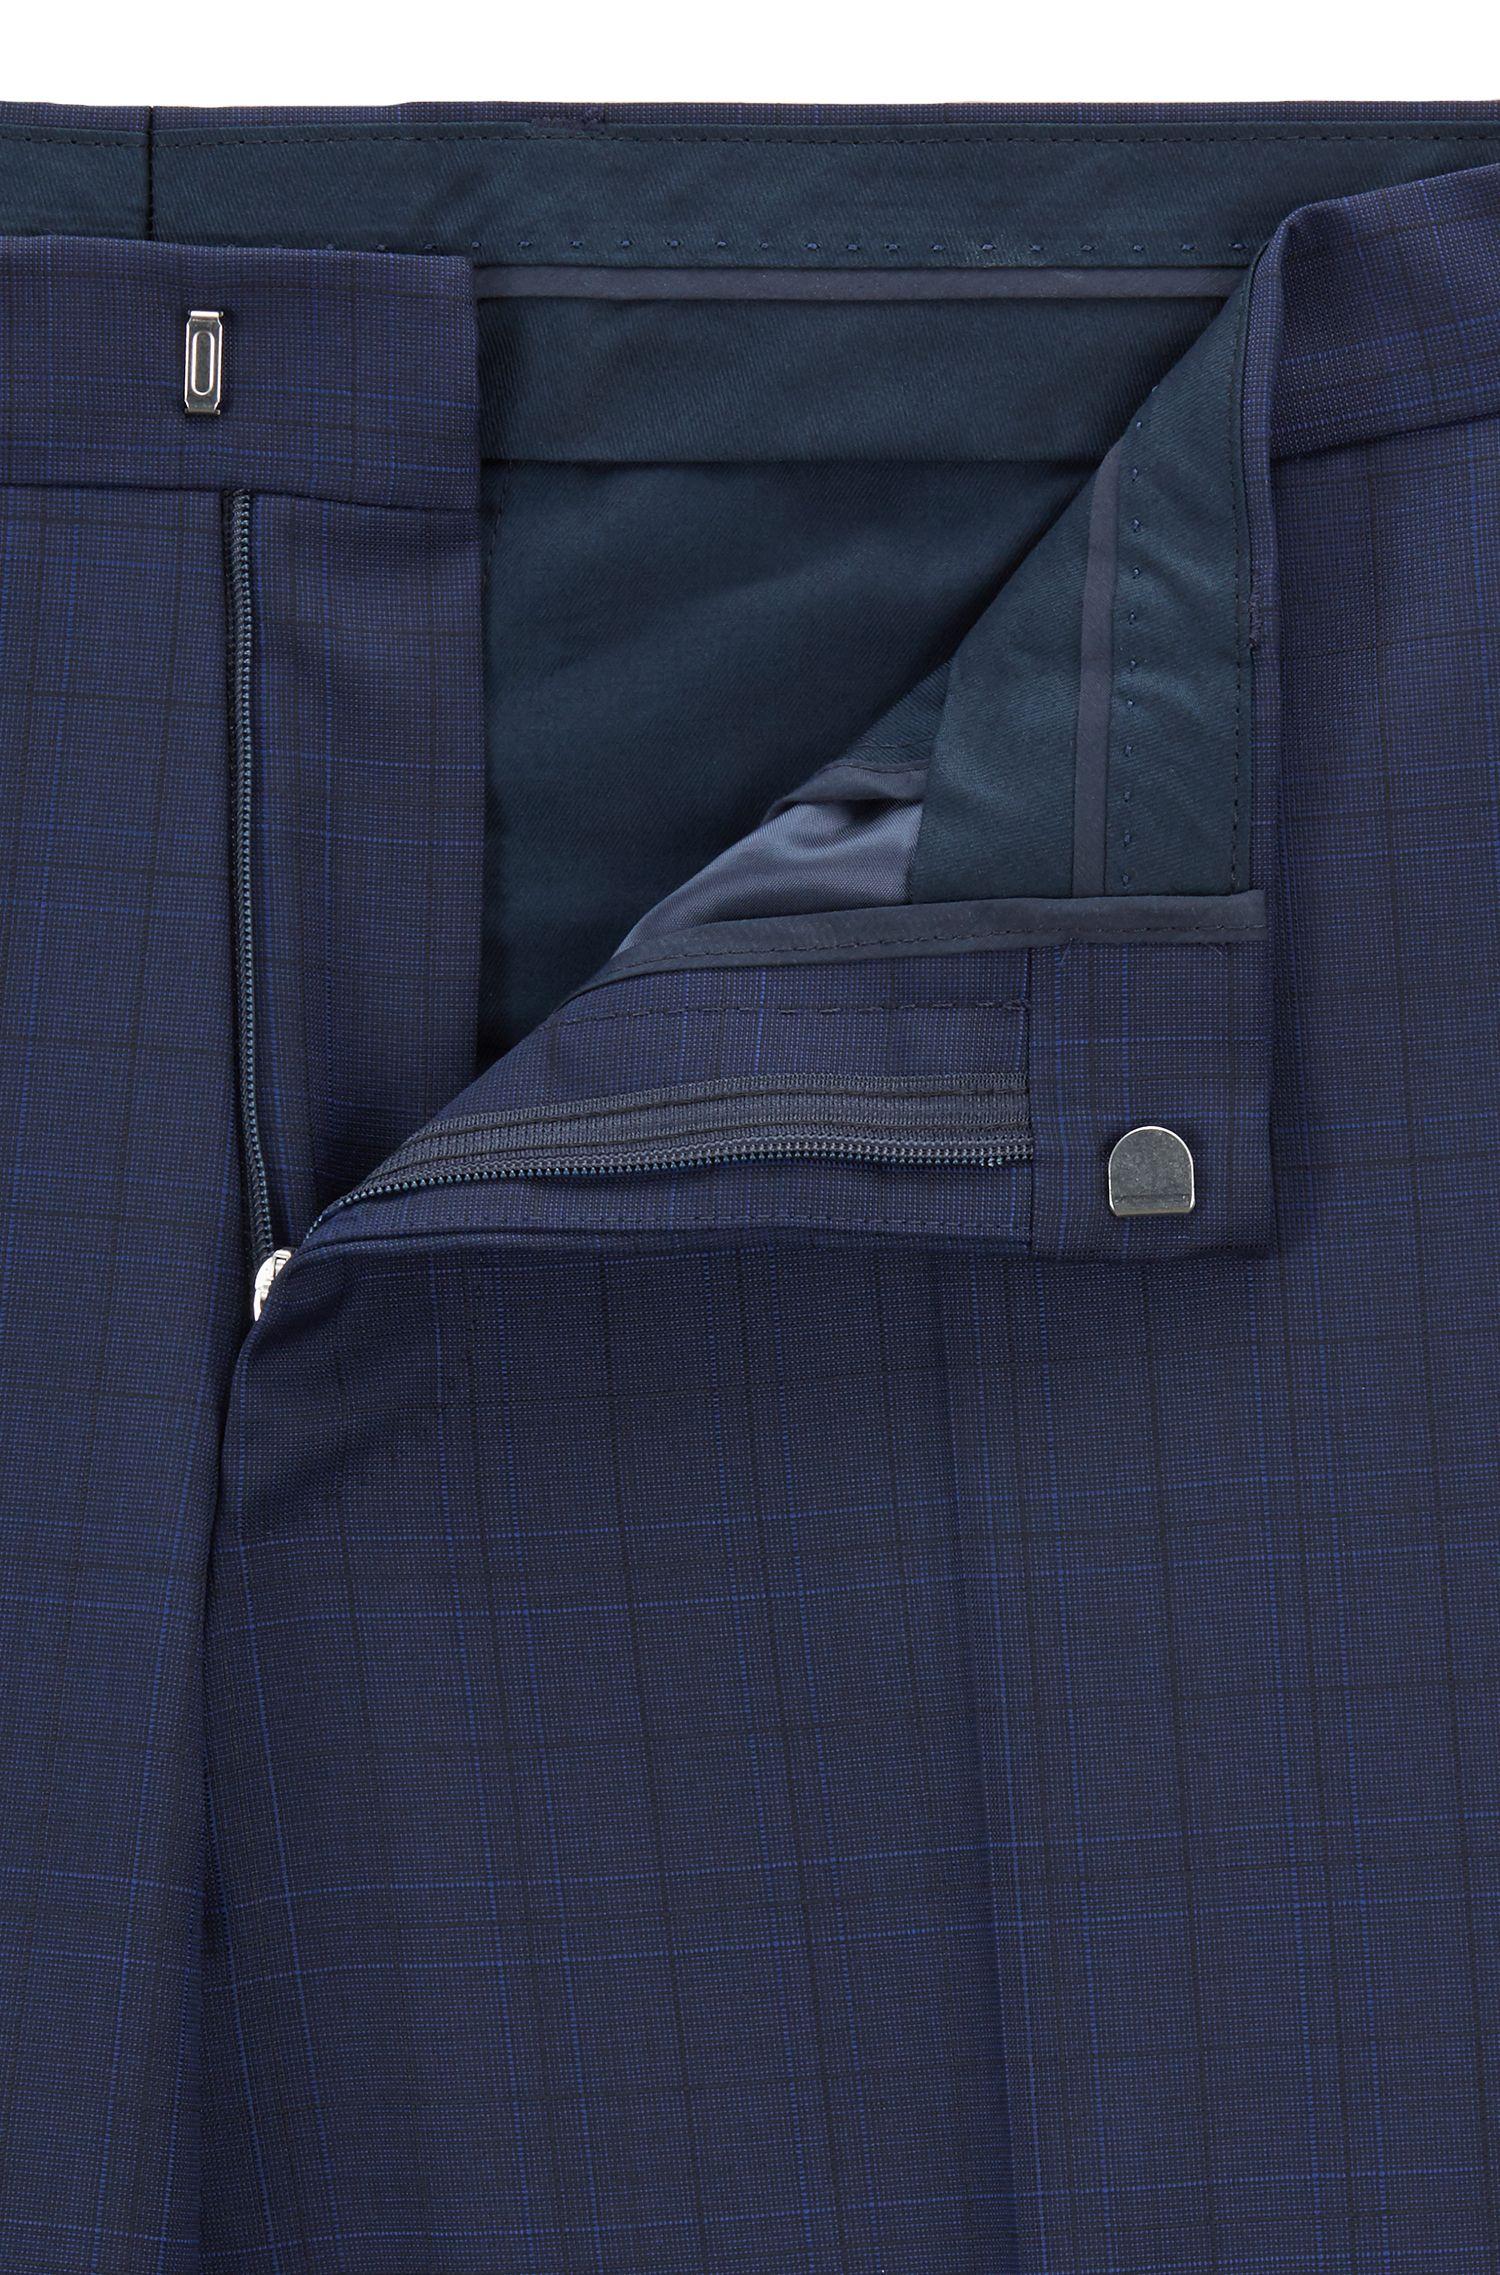 Pantalon Slim Fit en laine vierge à carreaux, Bleu foncé